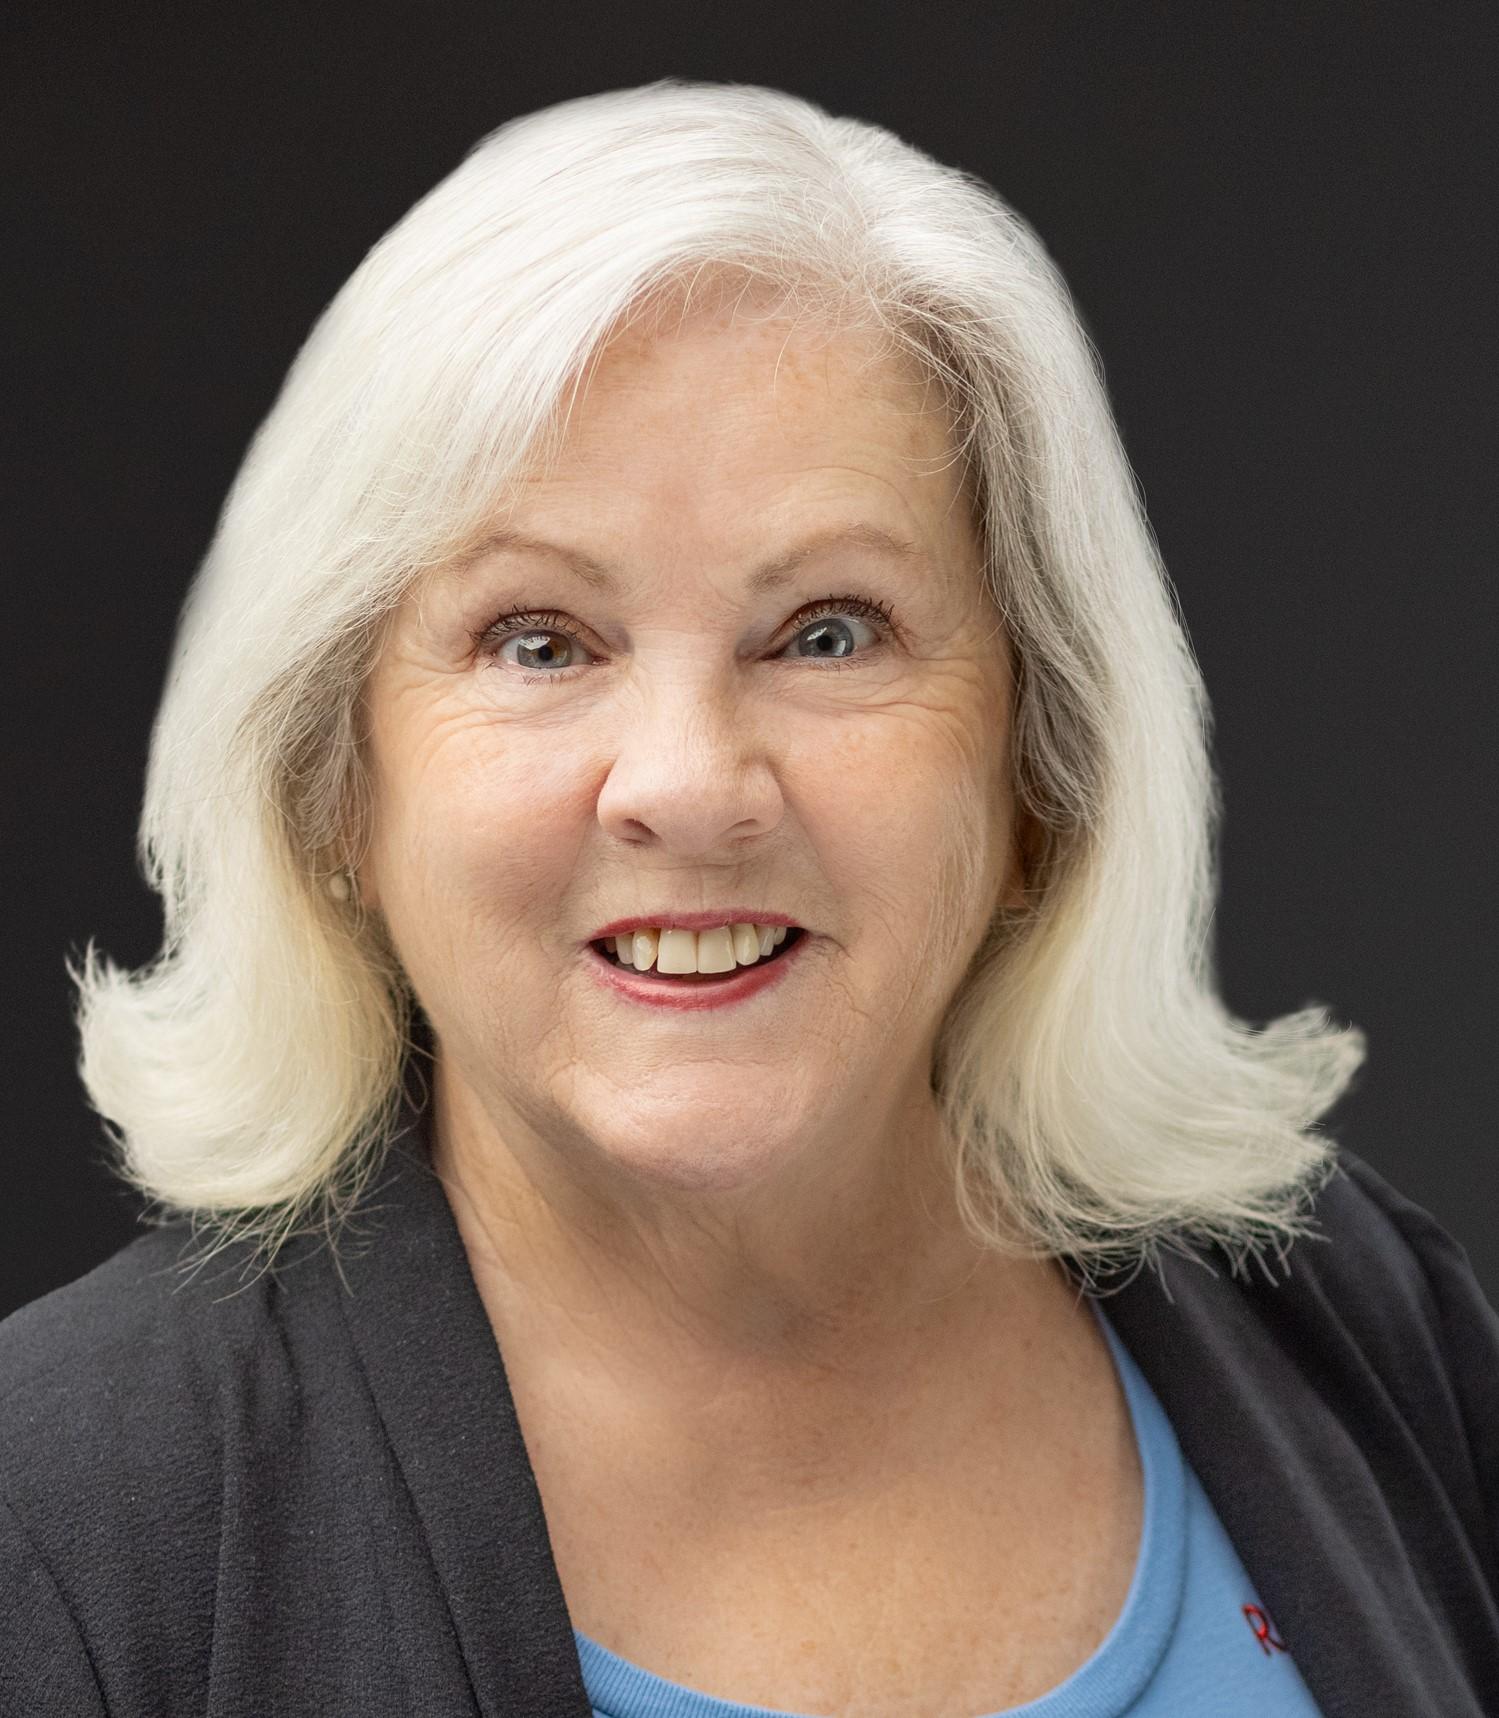 Cynthia undefined Kieft